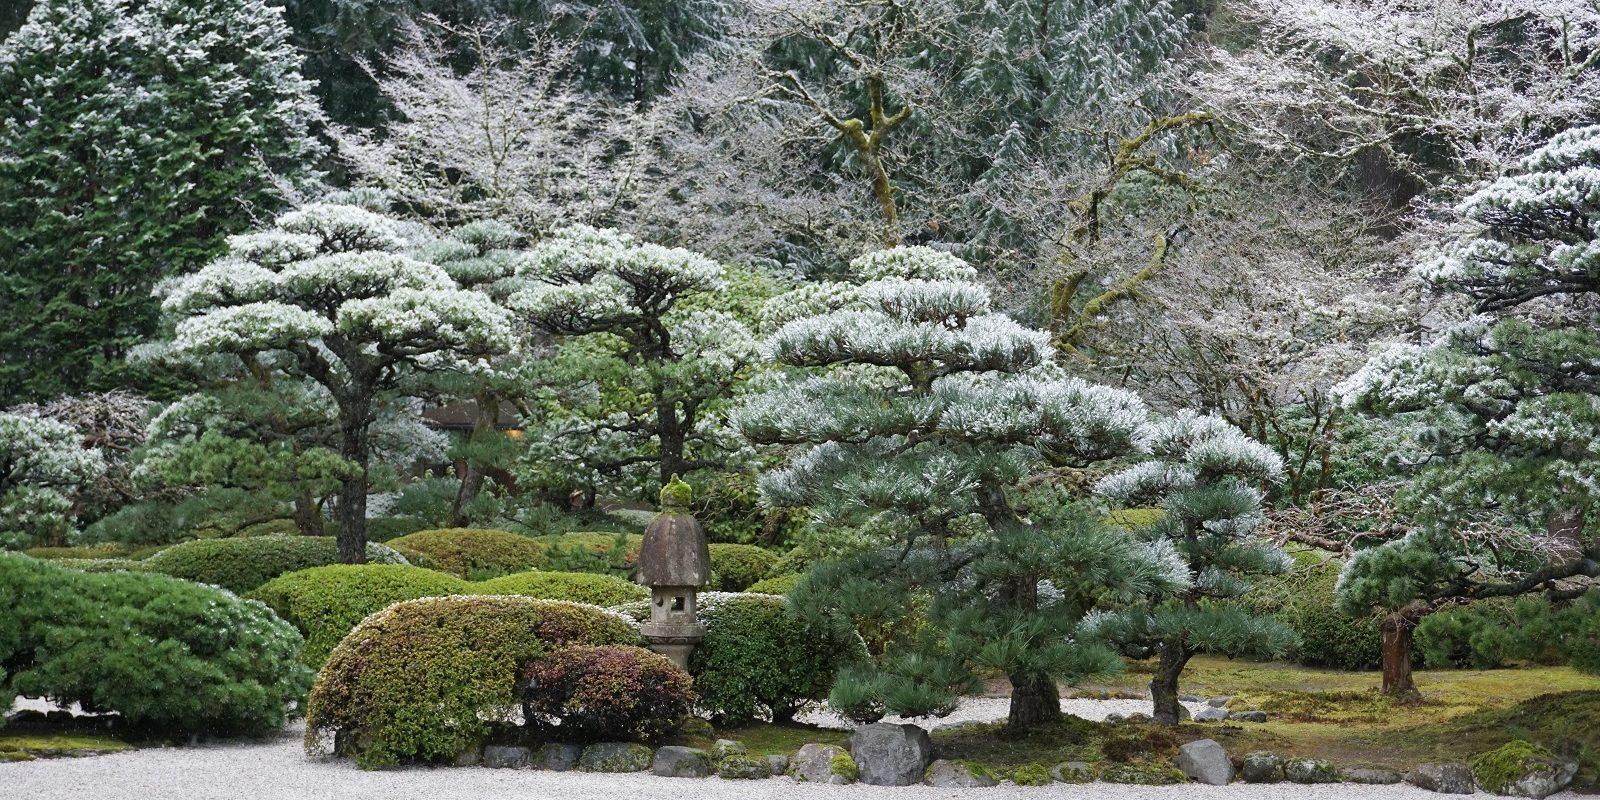 Garden with Snow in Winter. Photos by Tyler Quinn - 2019-02-04 - DSC02188